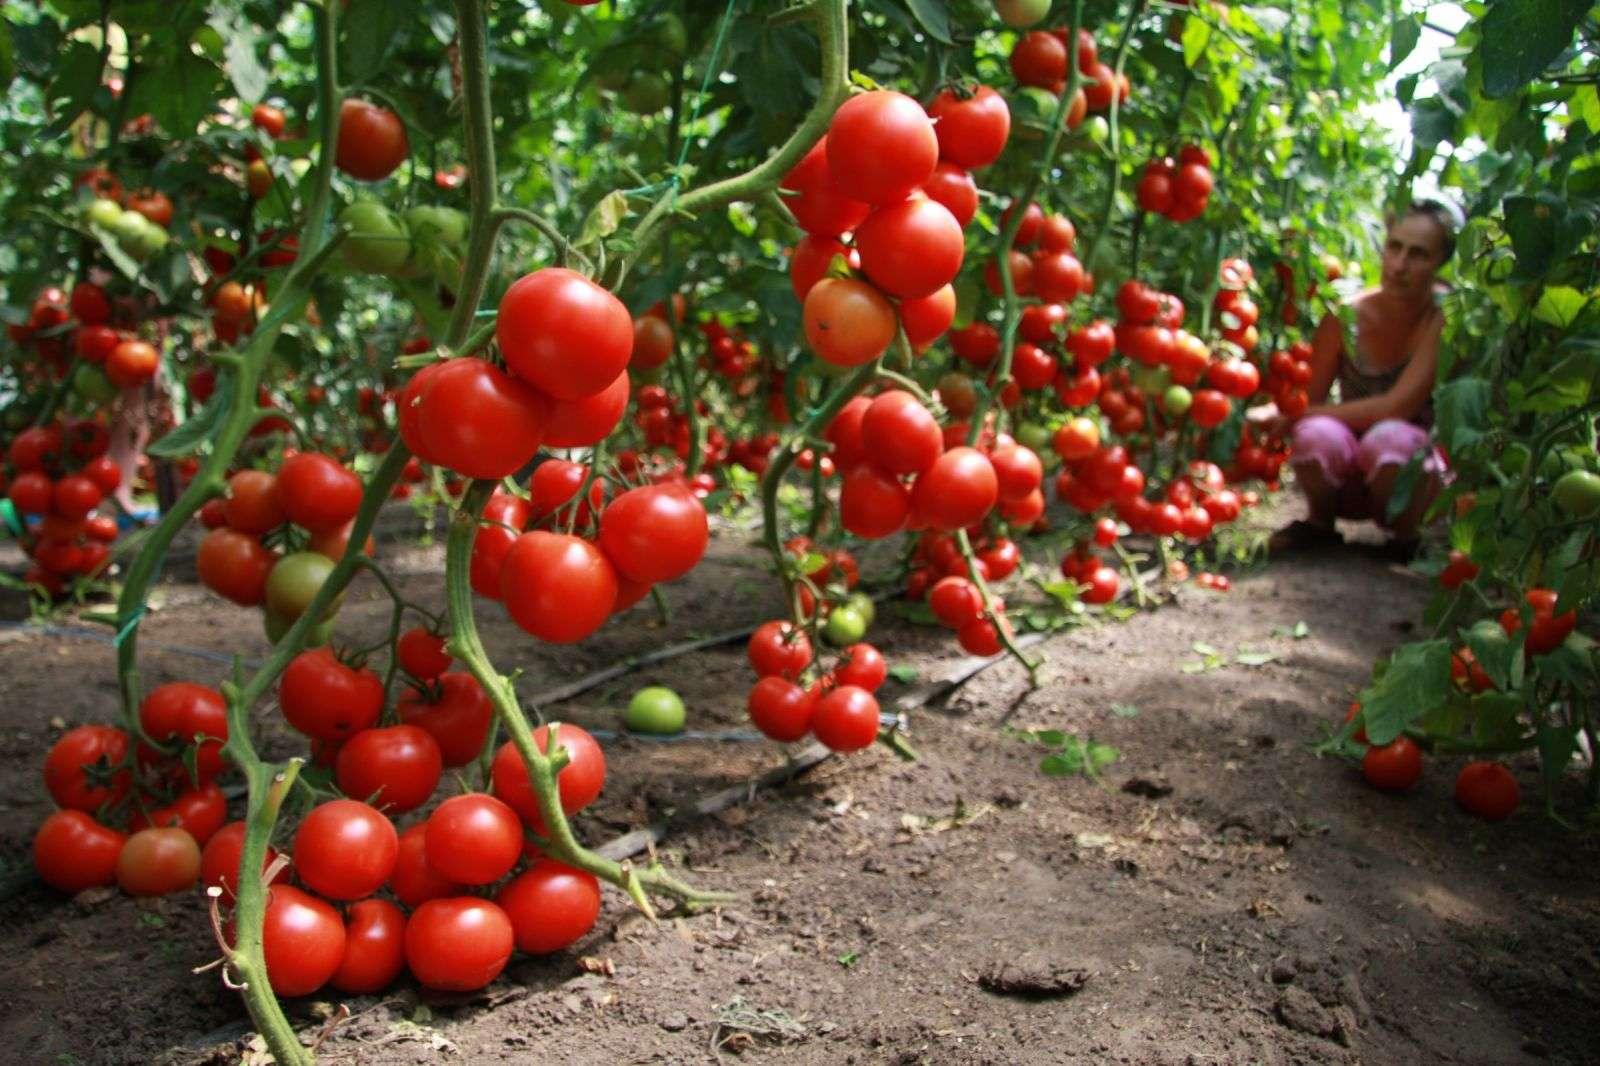 Κατεβάστε: 51 δωρεάν βιβλία για τις καλλιέργειες (λαχανικά, βότανα, δέντρα)